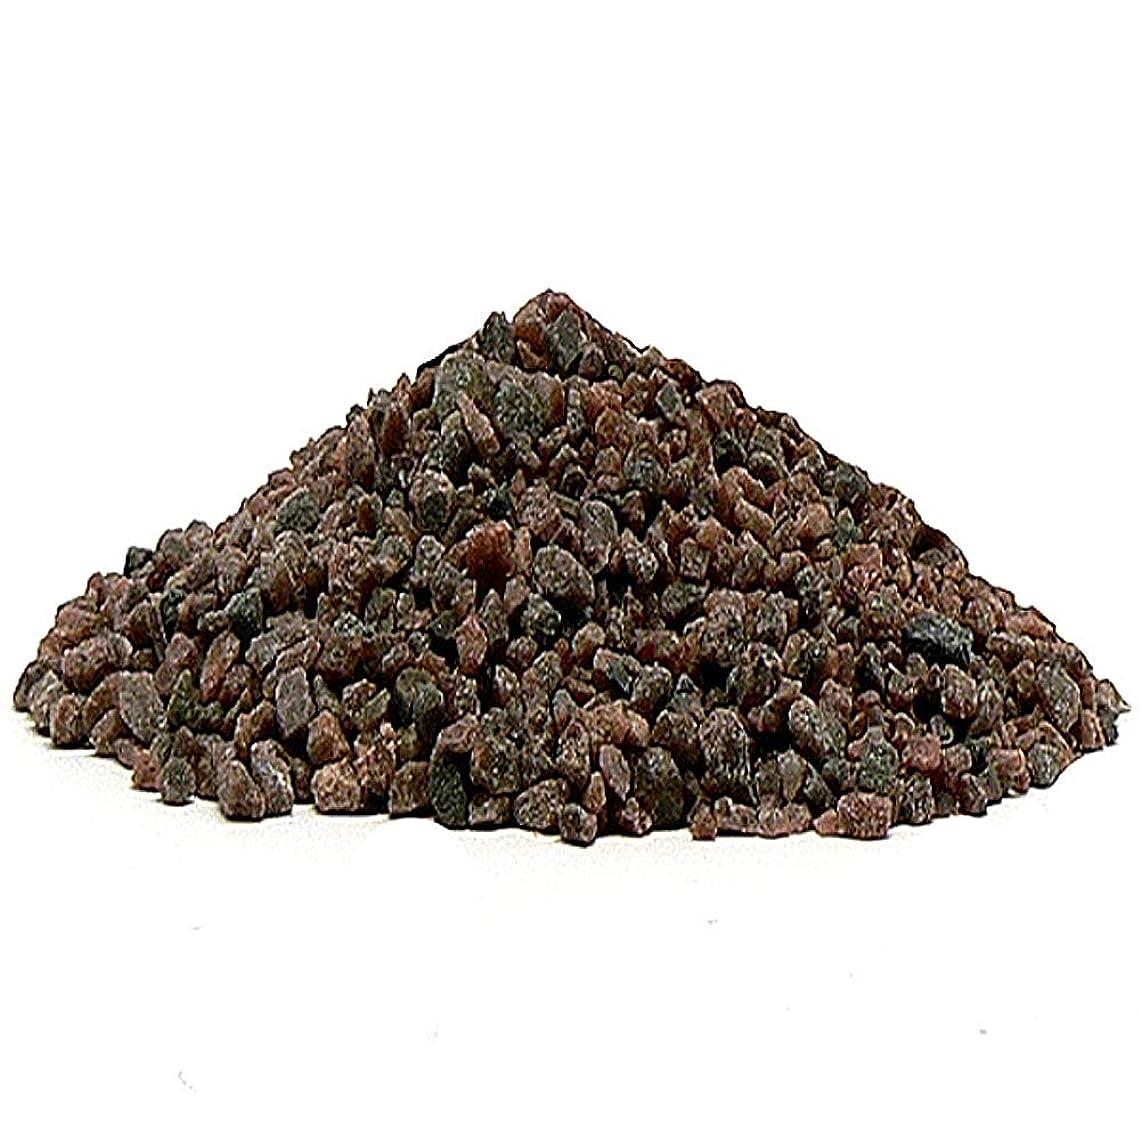 メガロポリス失われたトースト増量中! ヒマラヤ岩塩 ブラックソルト 入浴用 バスソルト(小粒) 黒岩塩 (2kg+300g増量)